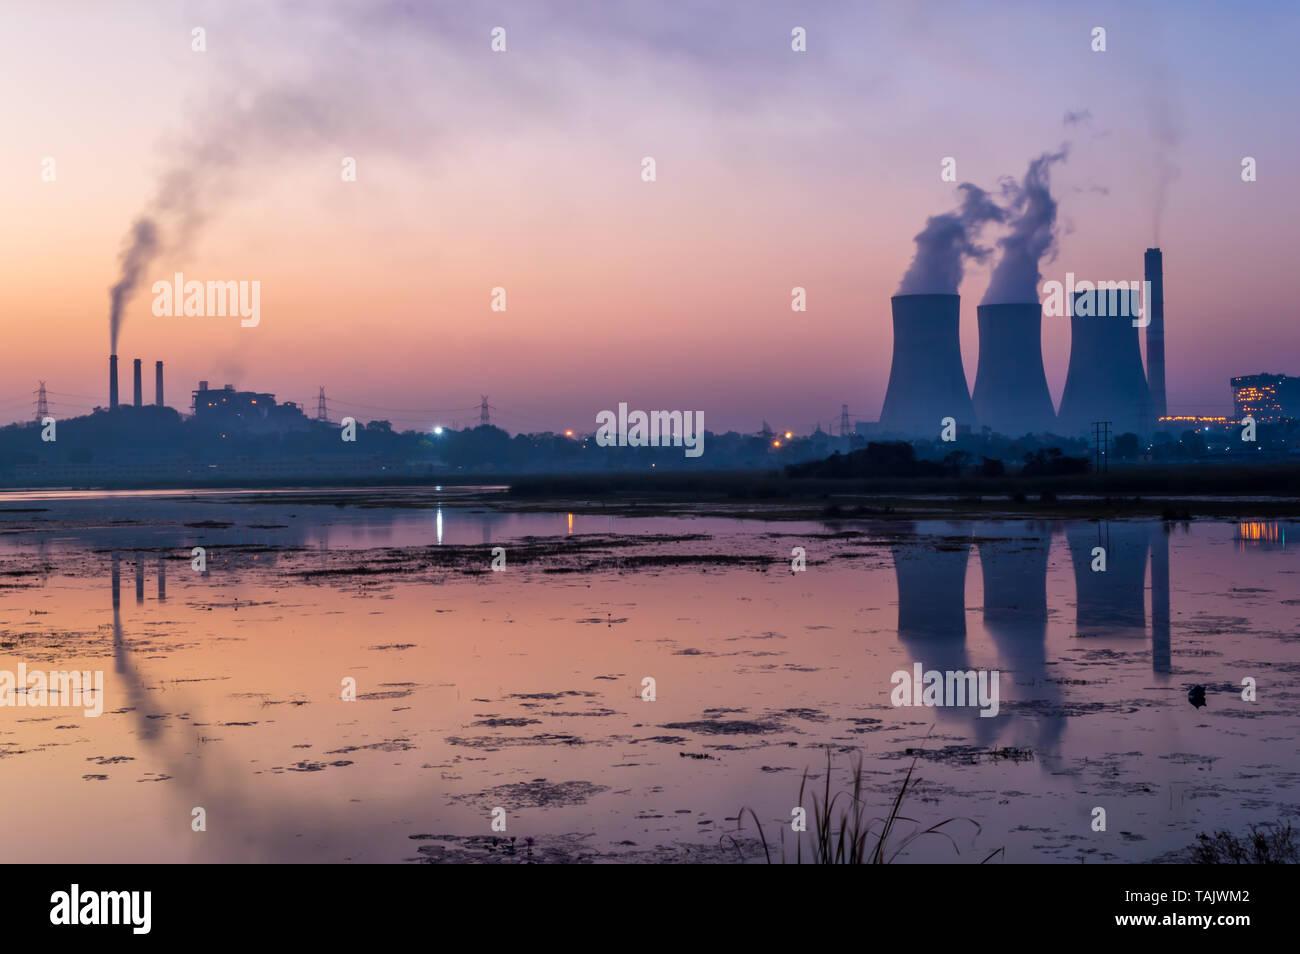 Il carbone powered centrale termoelettrica emettendo fumo e vapore dal camino e torre di raffreddamento. La riflessione della torre di raffreddamento e il camino sul lago. Foto Stock